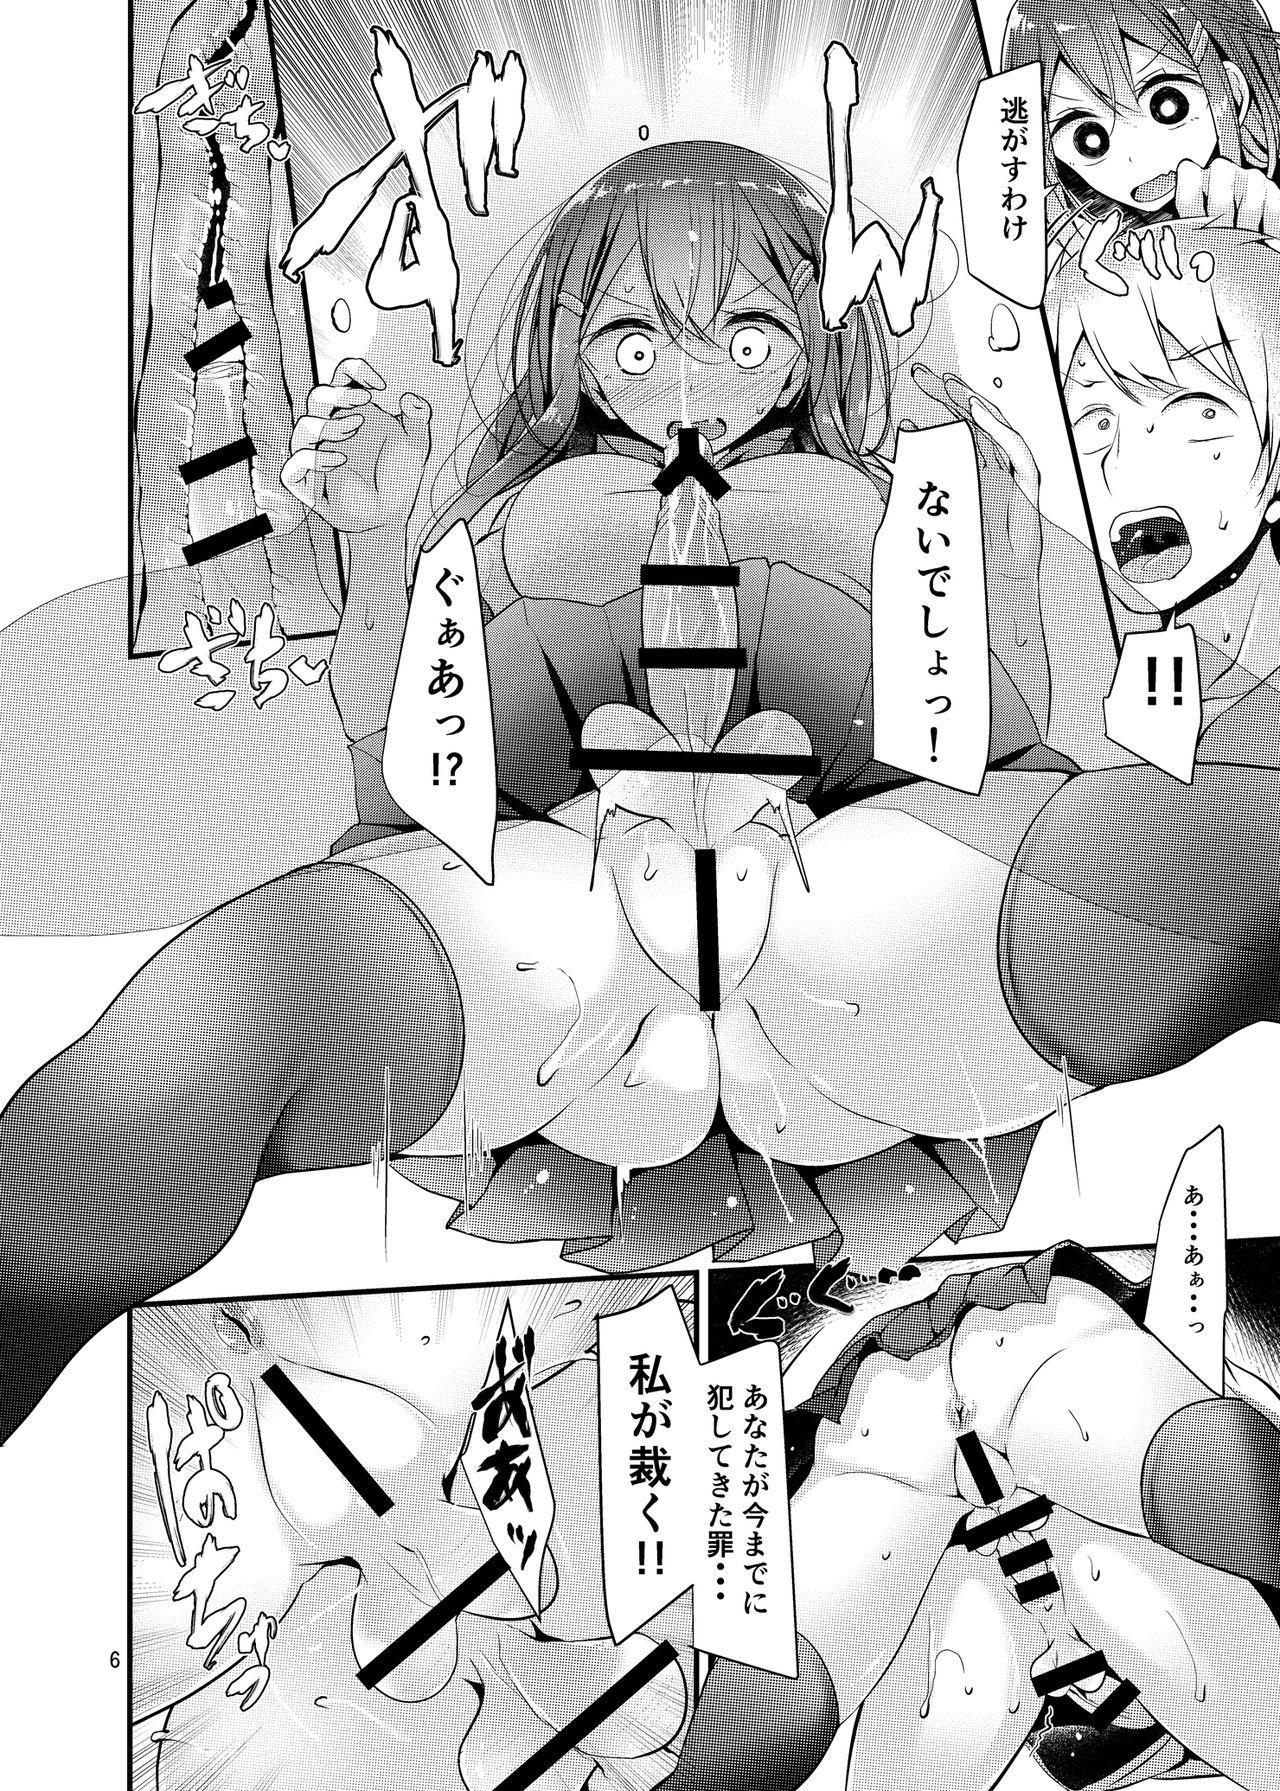 Futanari x Otoko Gyaku Anal Goudou Anata ga Mesu ni Narun desu yo 5